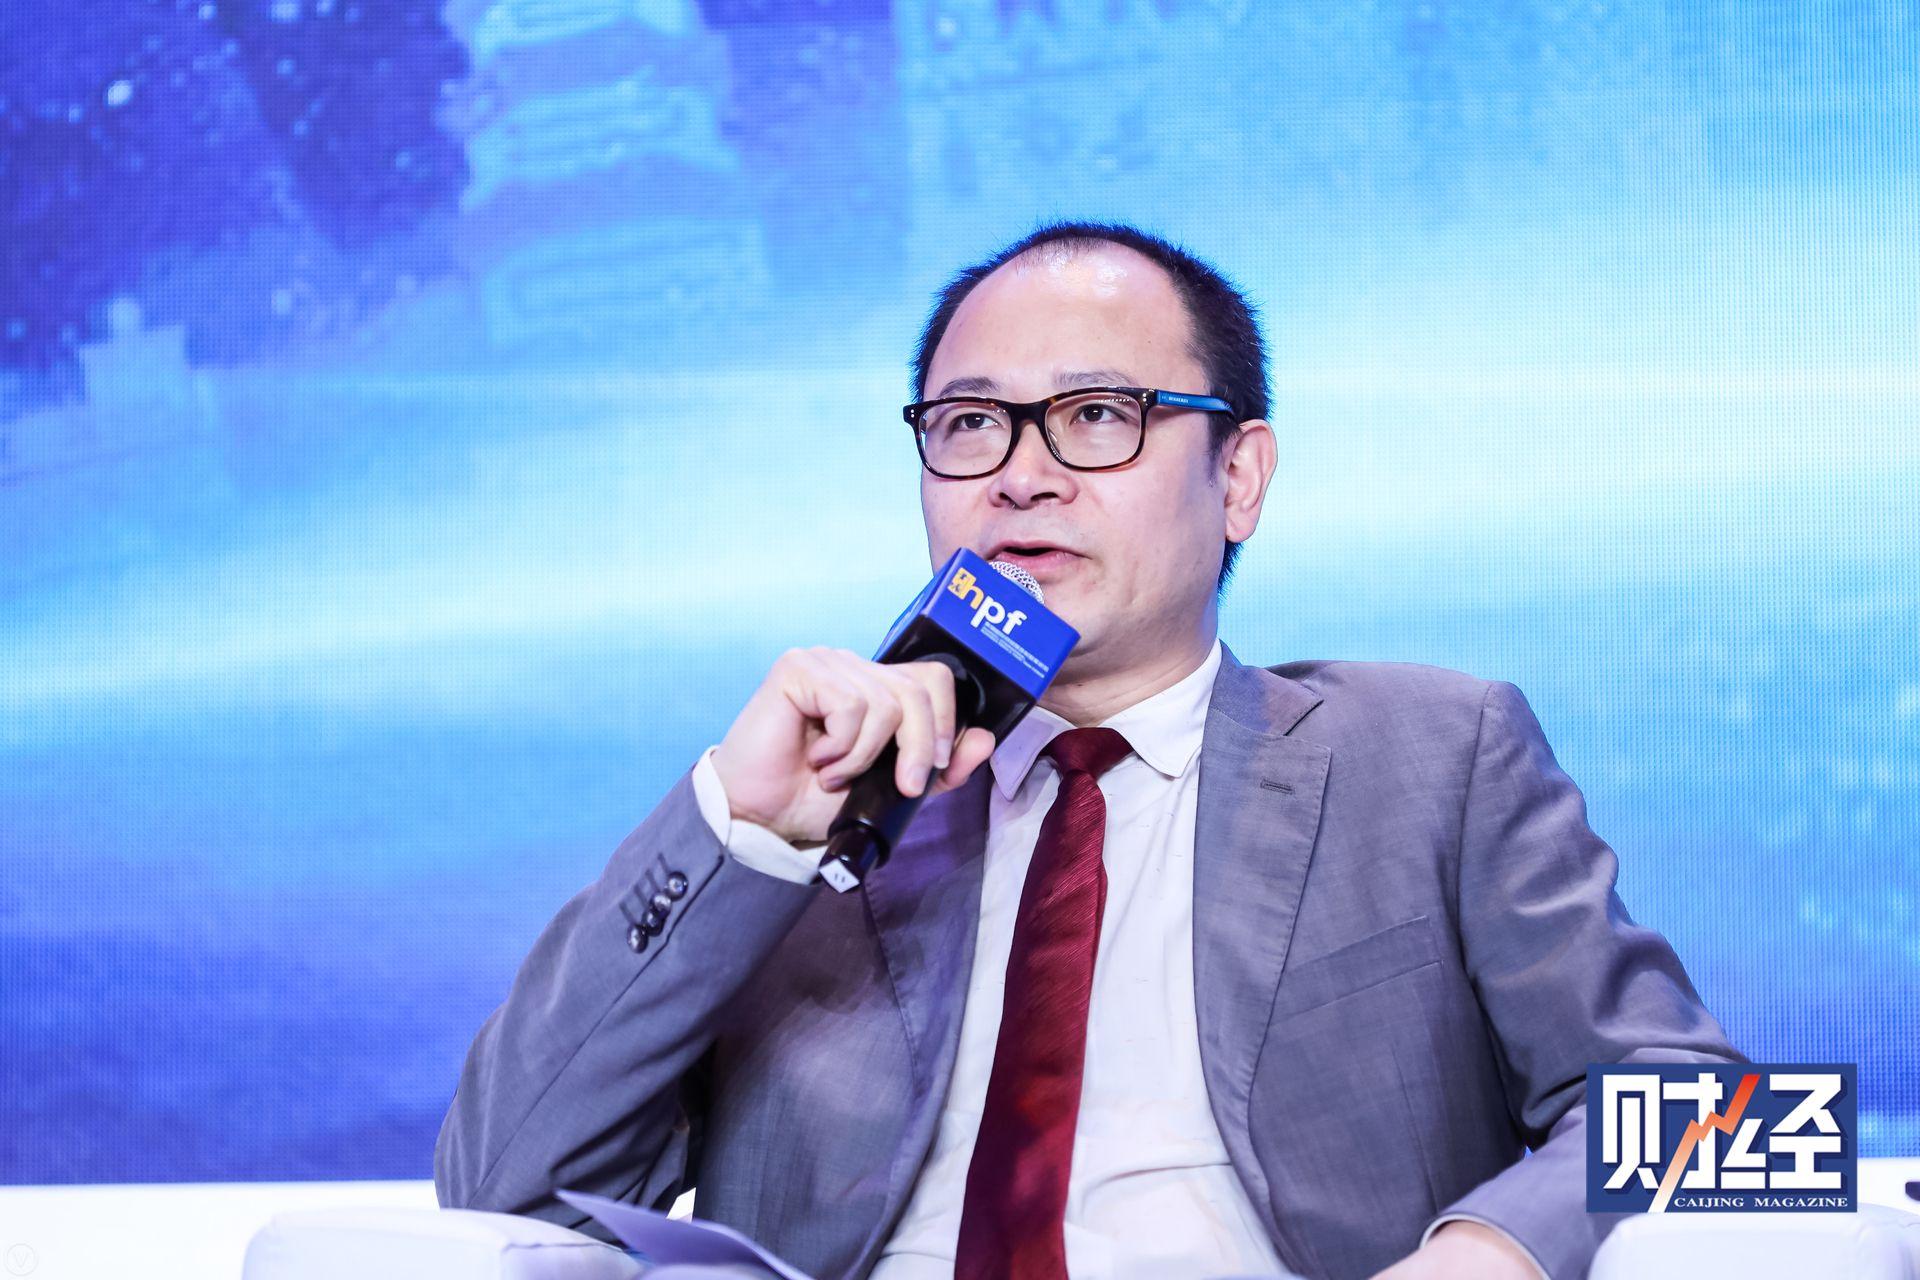 何刚:如何真实全面地报道世界与中国,媒体仍需自我反思和提升